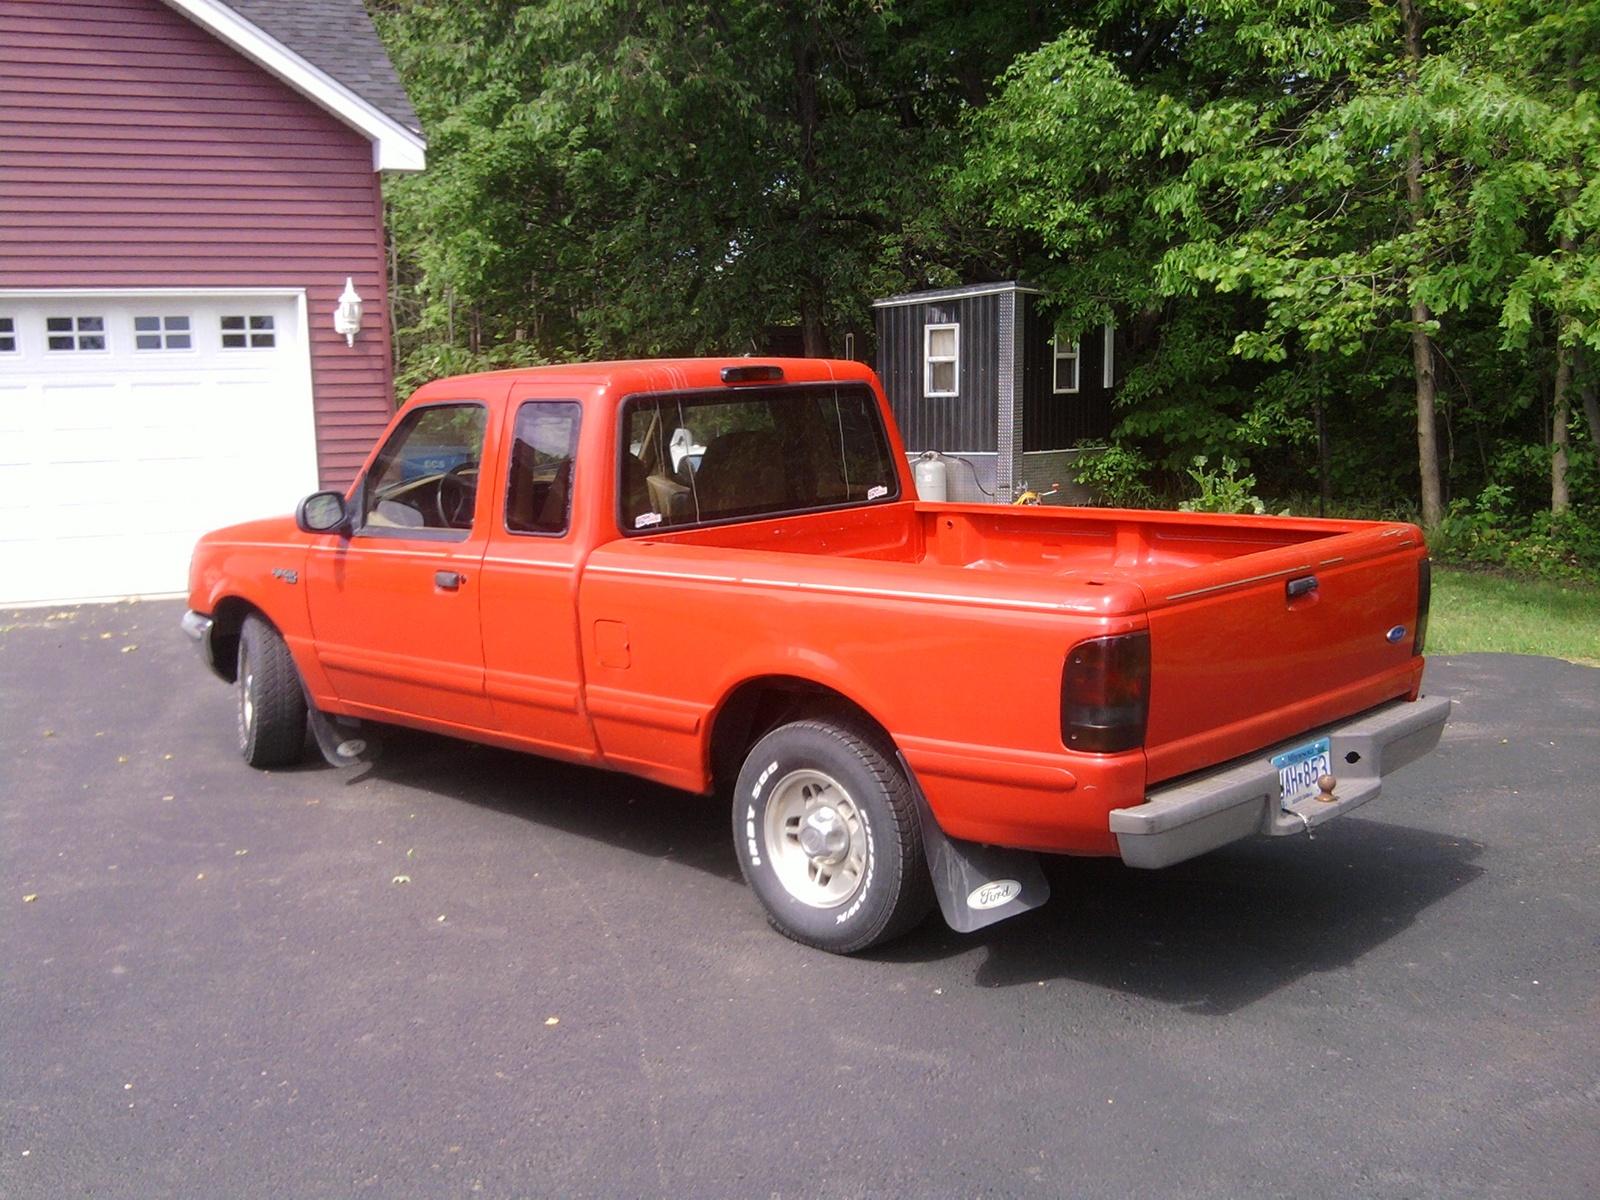 1996 ranger pickup bed for sale autos post. Black Bedroom Furniture Sets. Home Design Ideas